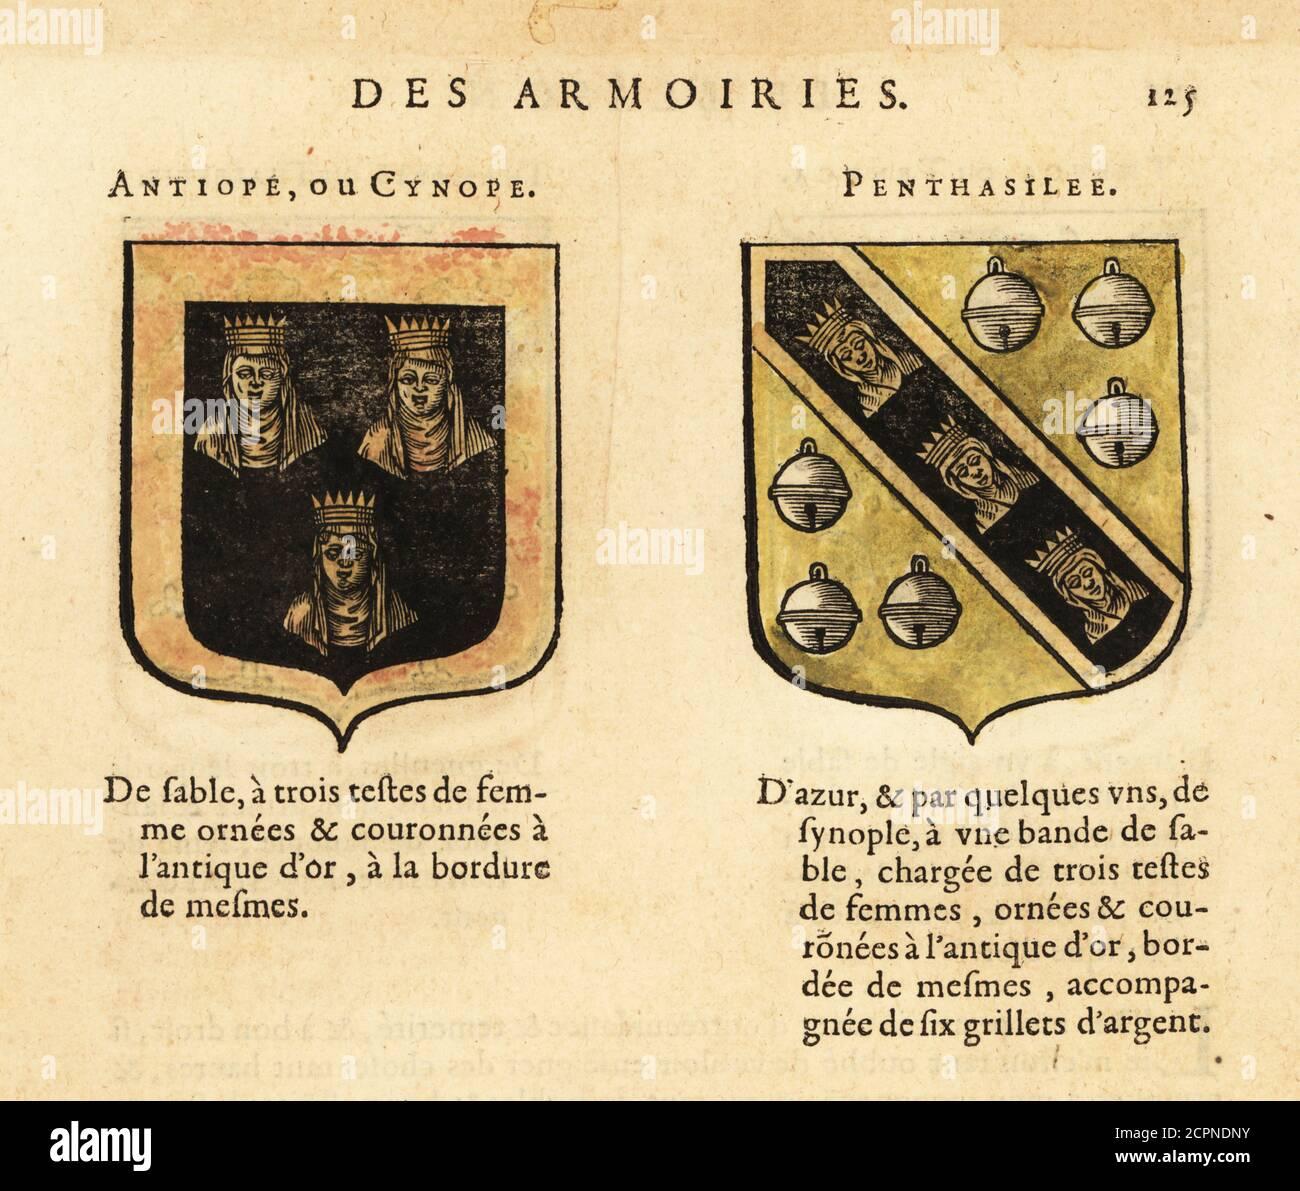 Imaginäre Wappen der Königinnen der Amazonen Antiope mit drei gekrönten Frauenköpfen und Penthesilea mit drei gekrönten Frauenköpfen und sechs silbernen Glocken. Neun Würdige Frauen. ANTIOPE OU CYNOPE, PENTHASILEE. Handkolorierter Holzschnitt aus Hierosme de Bara's Le Blason des Armoiries, Chez Rolet Bouton, Paris, 1628 Stockfoto